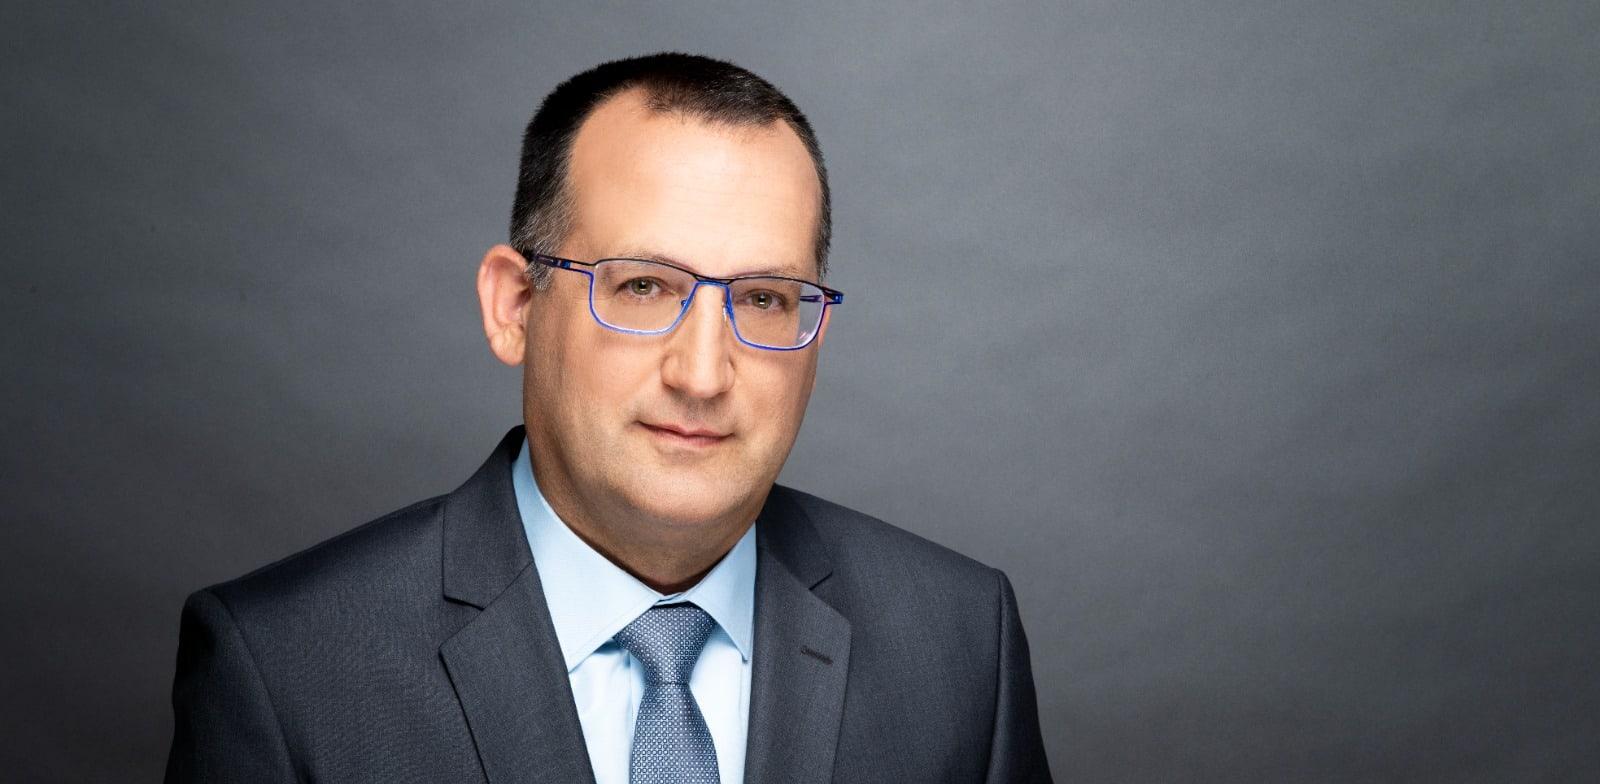 רן קוניק, ראש עיריית גבעתיים / צילום: רונן אקרמן